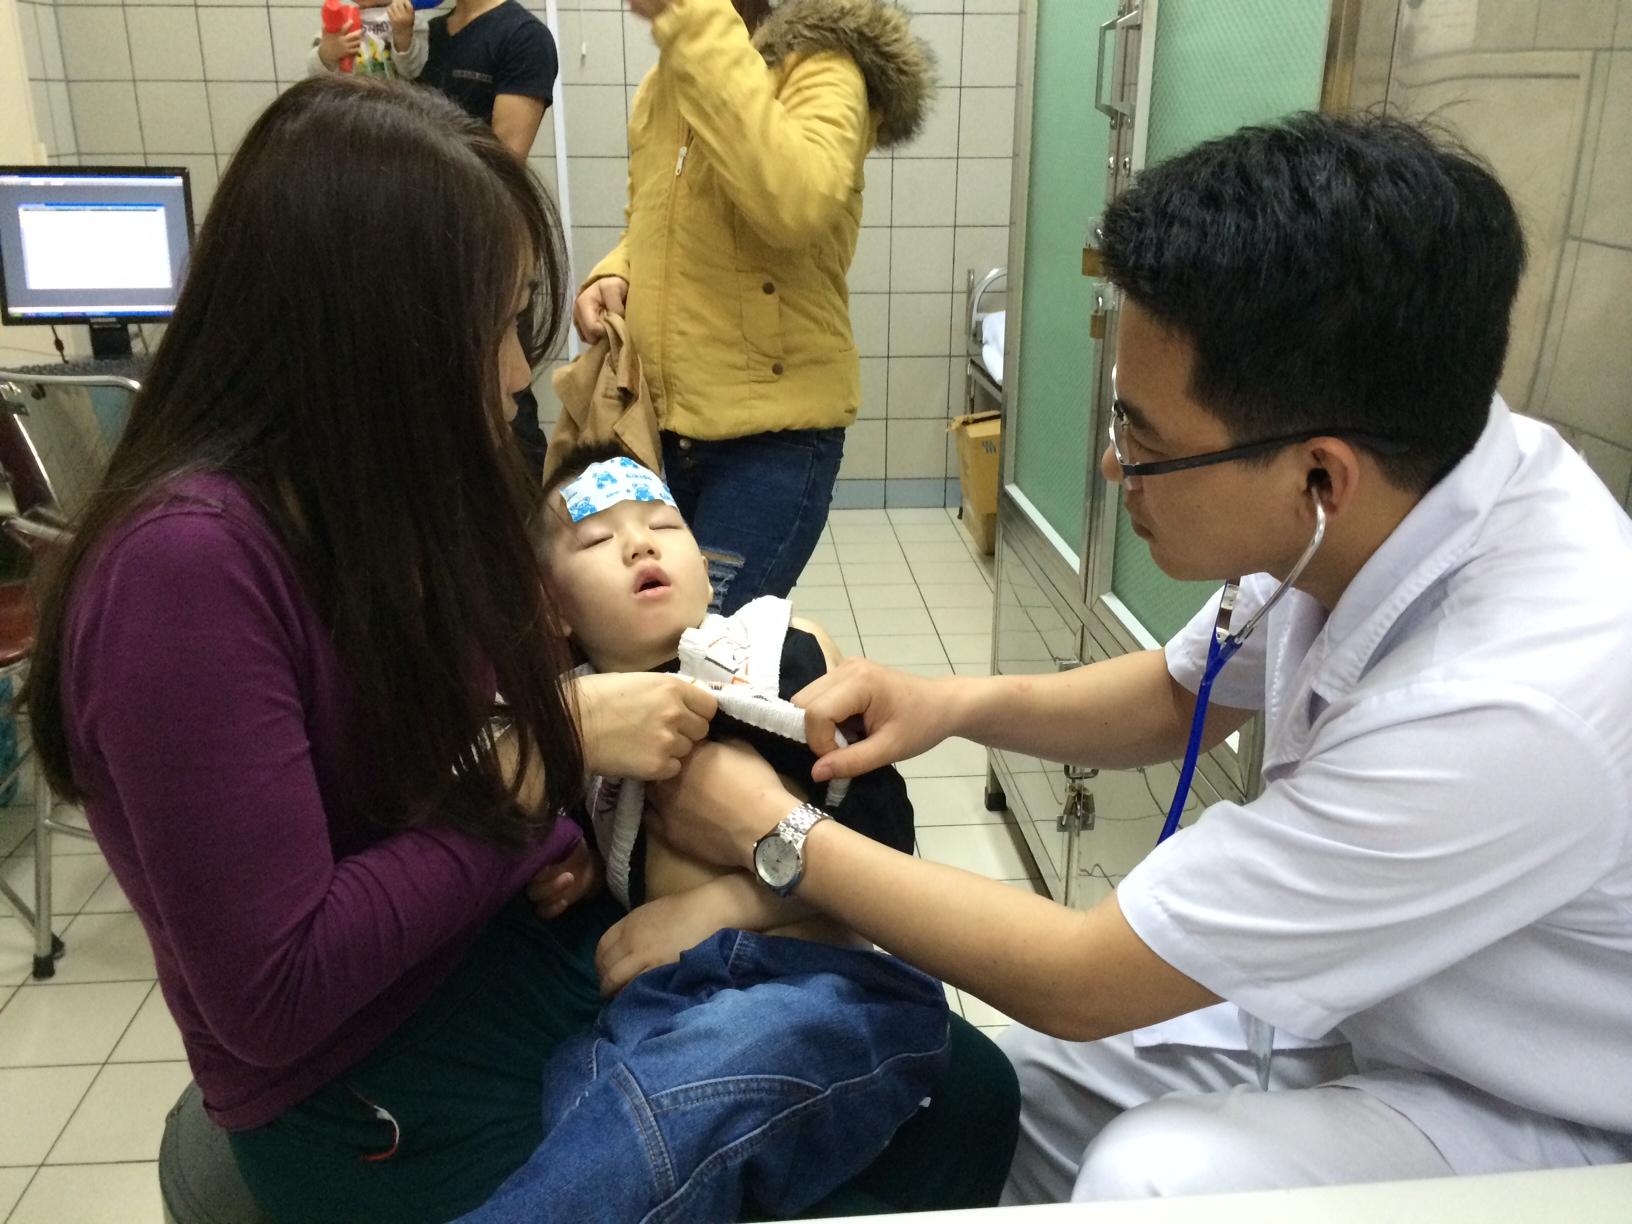 Viêm phổi cộng đồng: Bệnh nguy hiểm ở trẻ - Ảnh 1